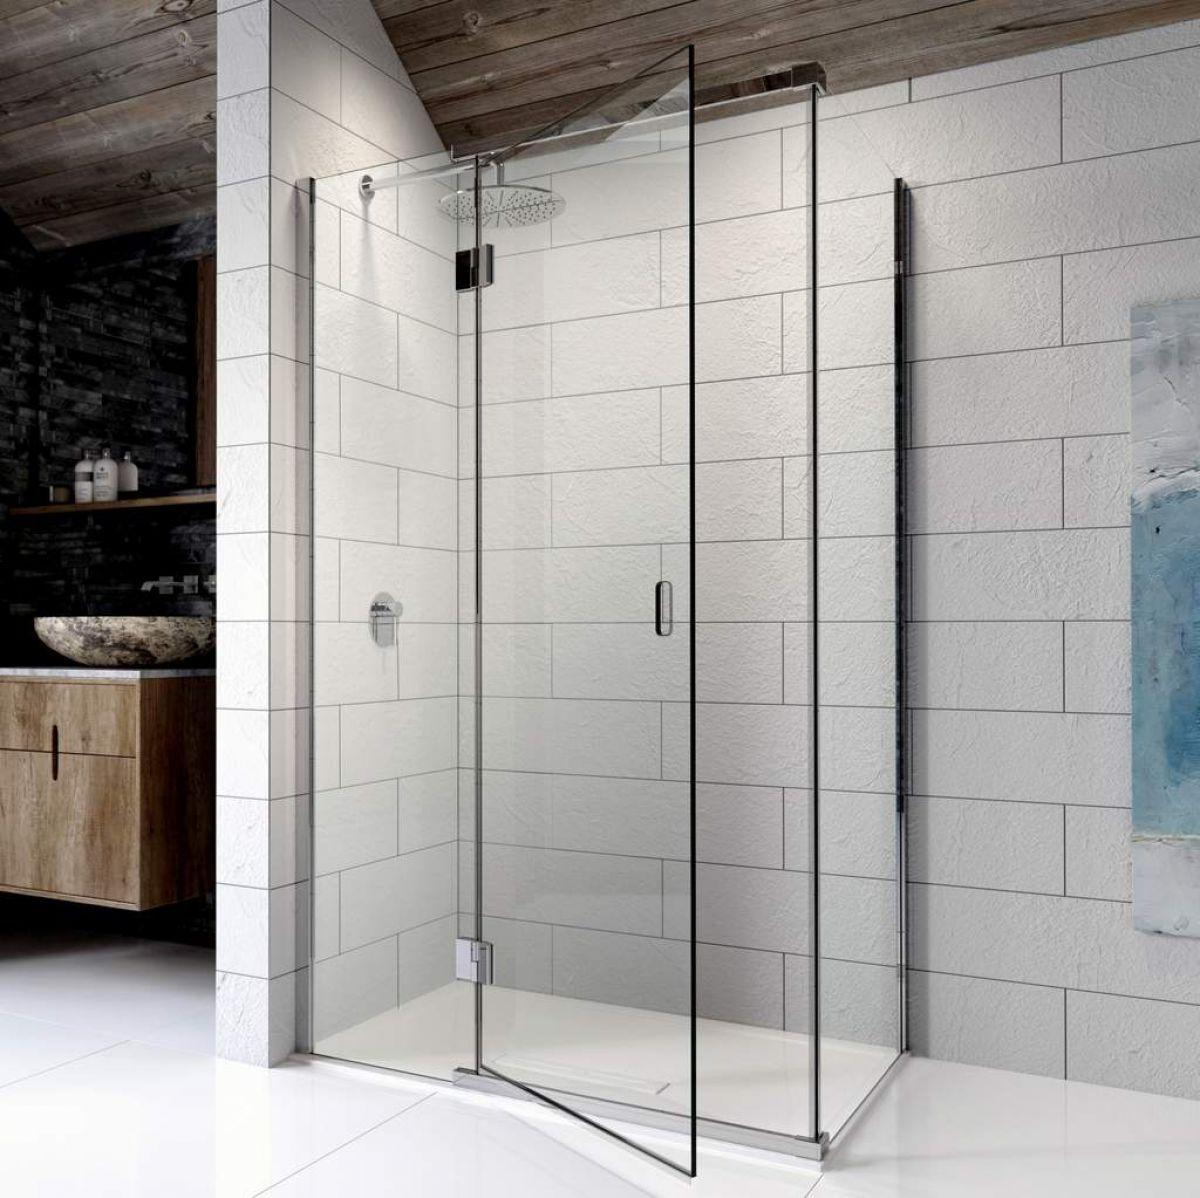 Kudos pinnacle 8 hinged shower door for corner uk bathrooms for 1200 shower door